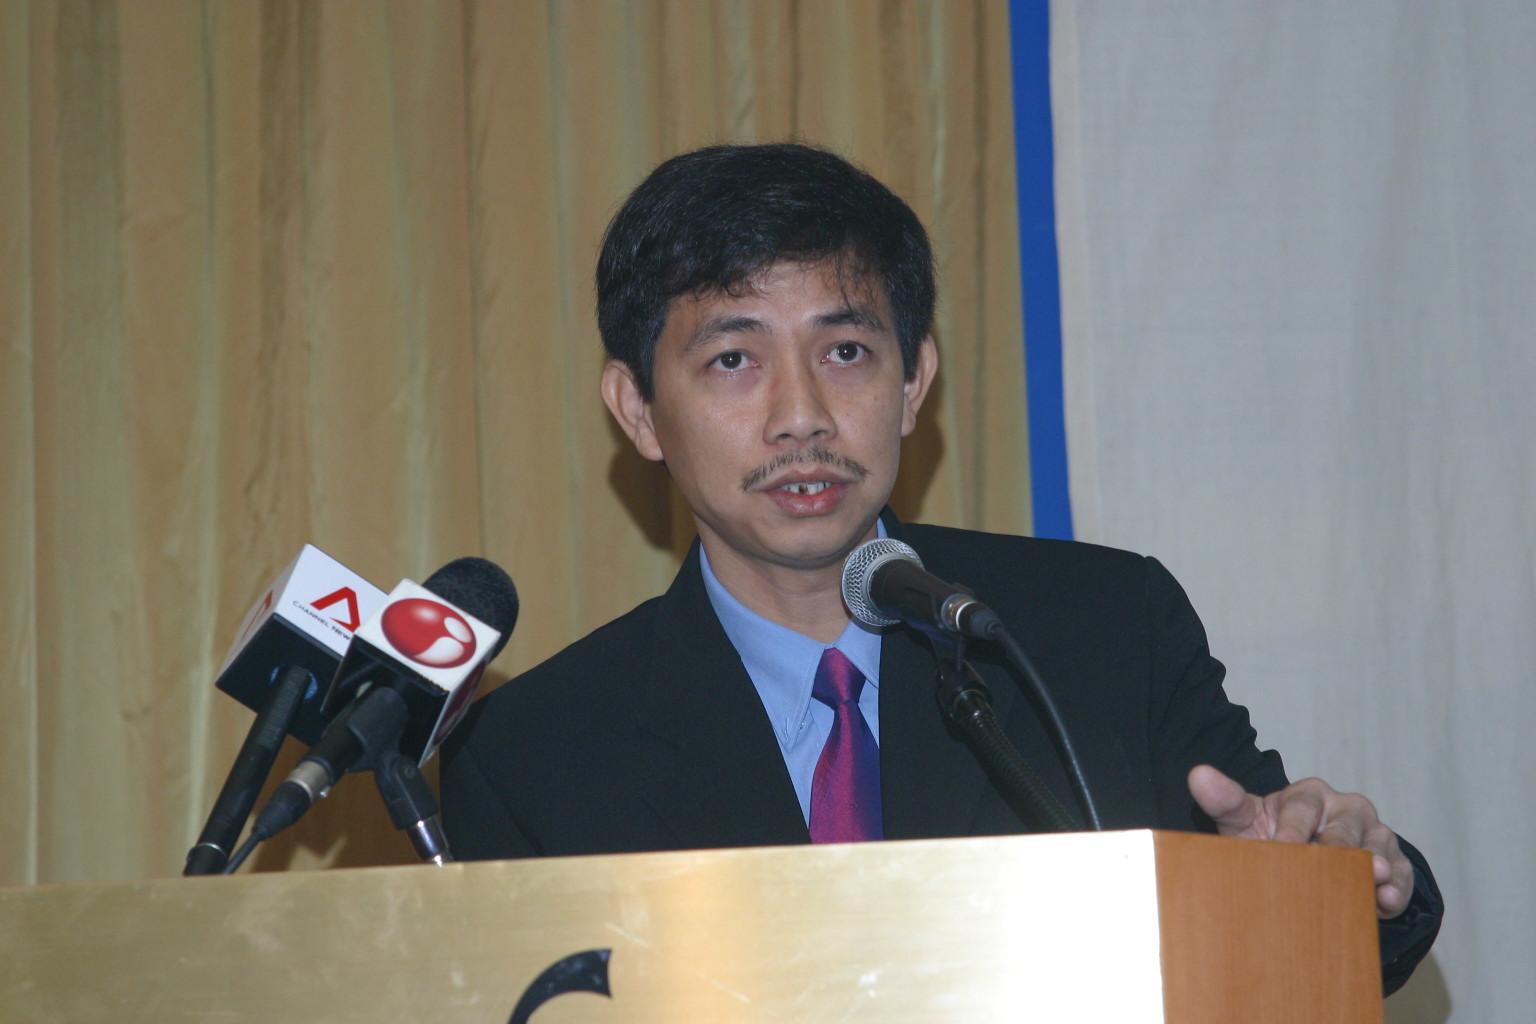 Tran Huynh Duy Thuc